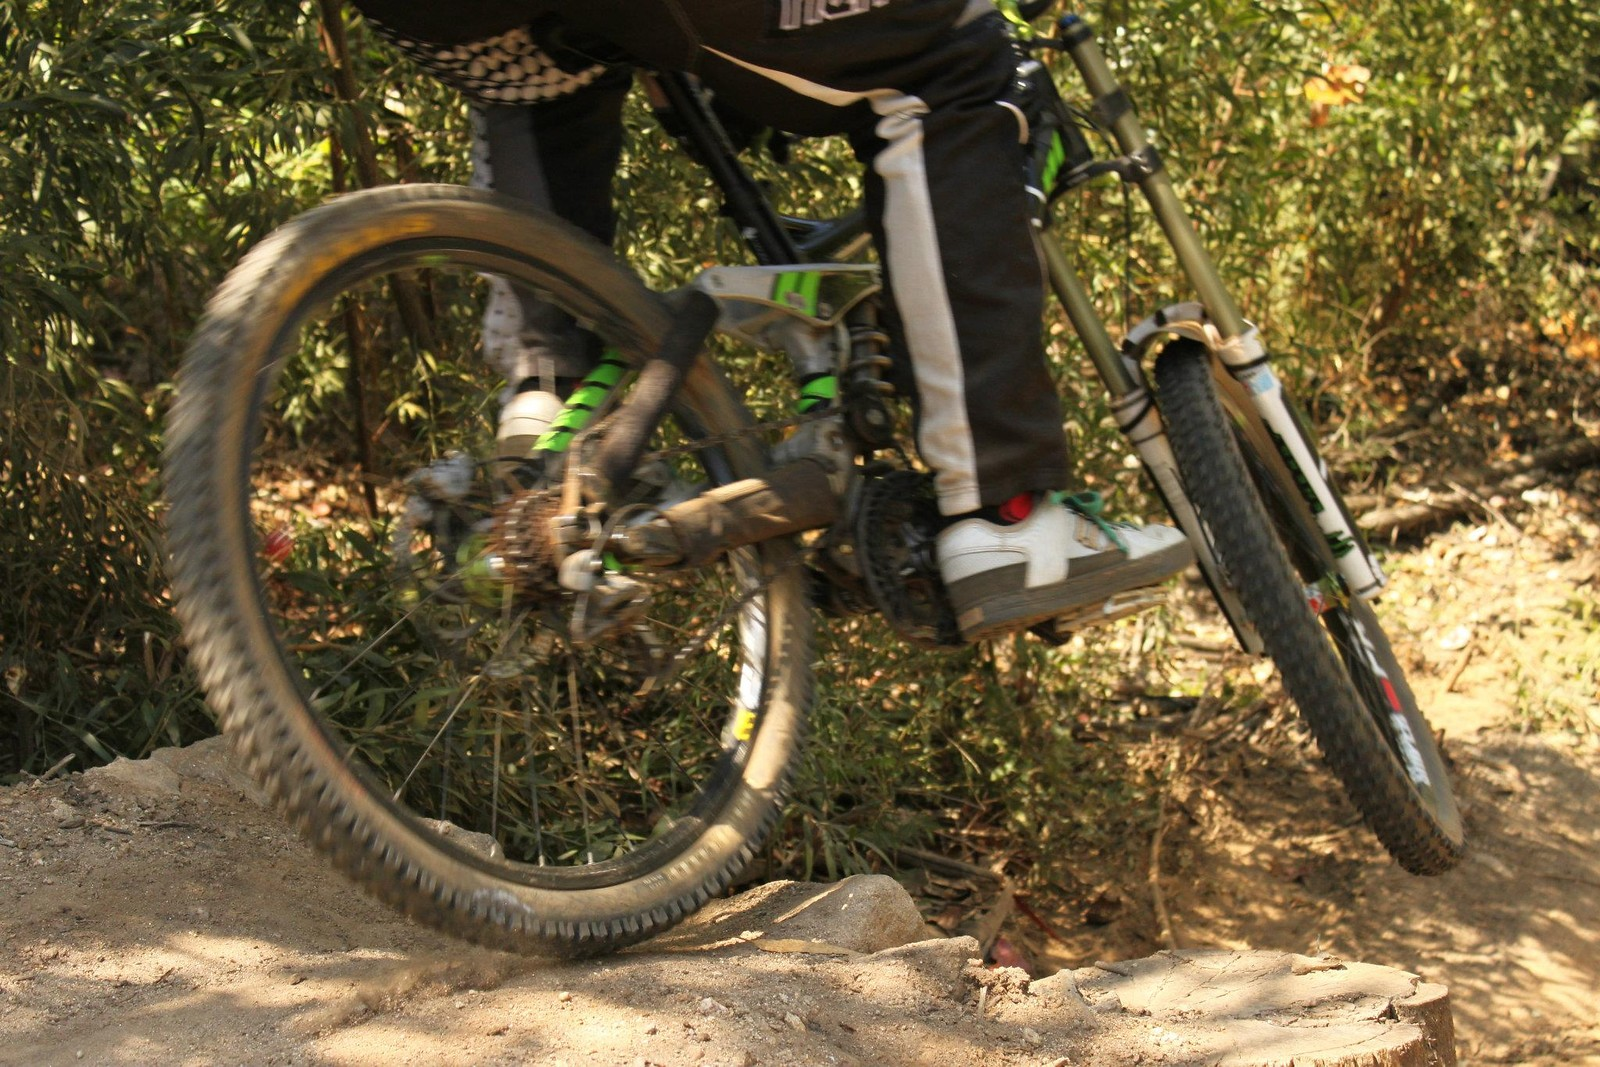 Scrub - DoubleCrownKing - Mountain Biking Pictures - Vital MTB